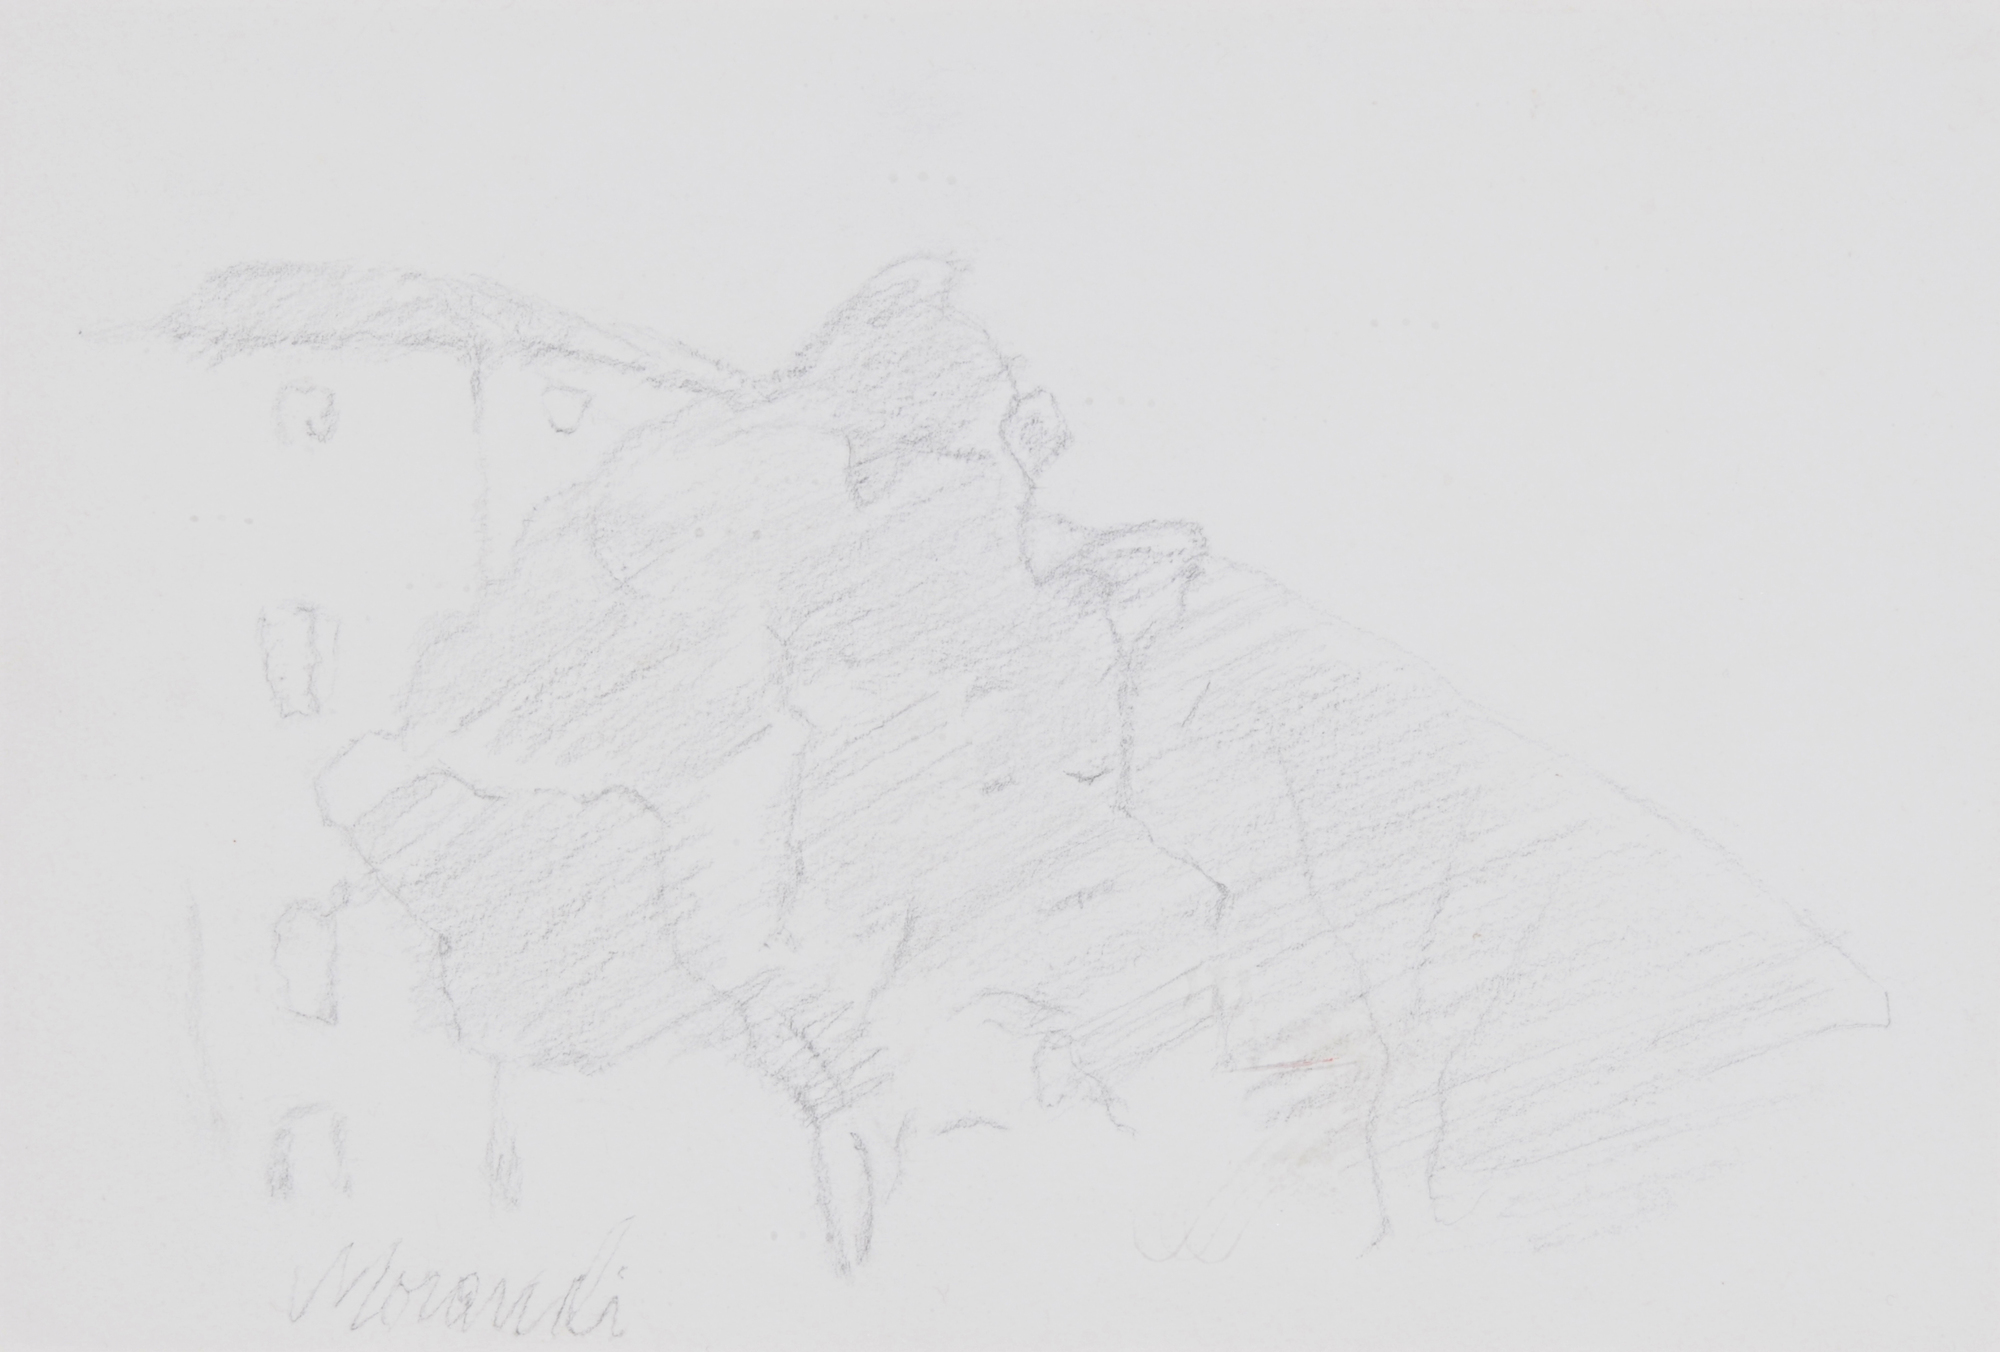 Morandi Giorgio, Recto/verso: Paesaggio